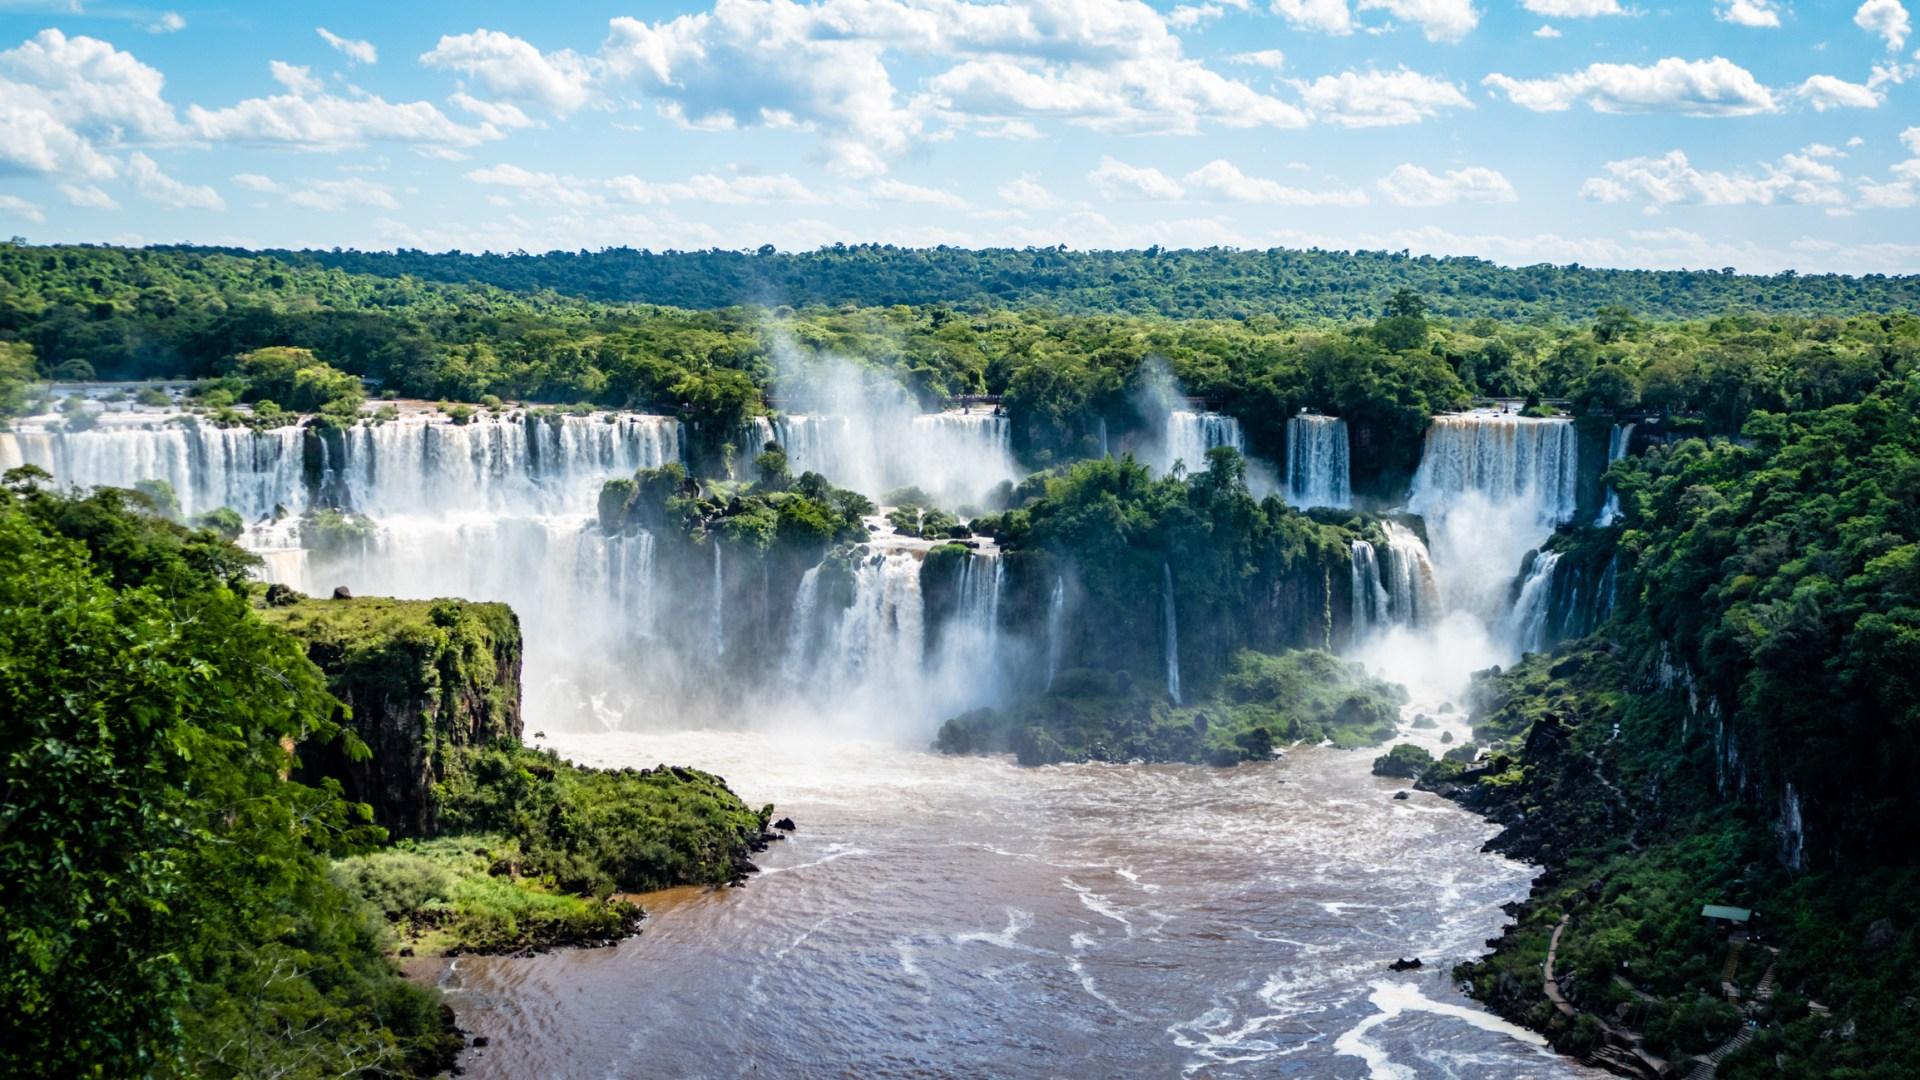 Dia Nacional do Turismo: histórias, números e o futuro do setor